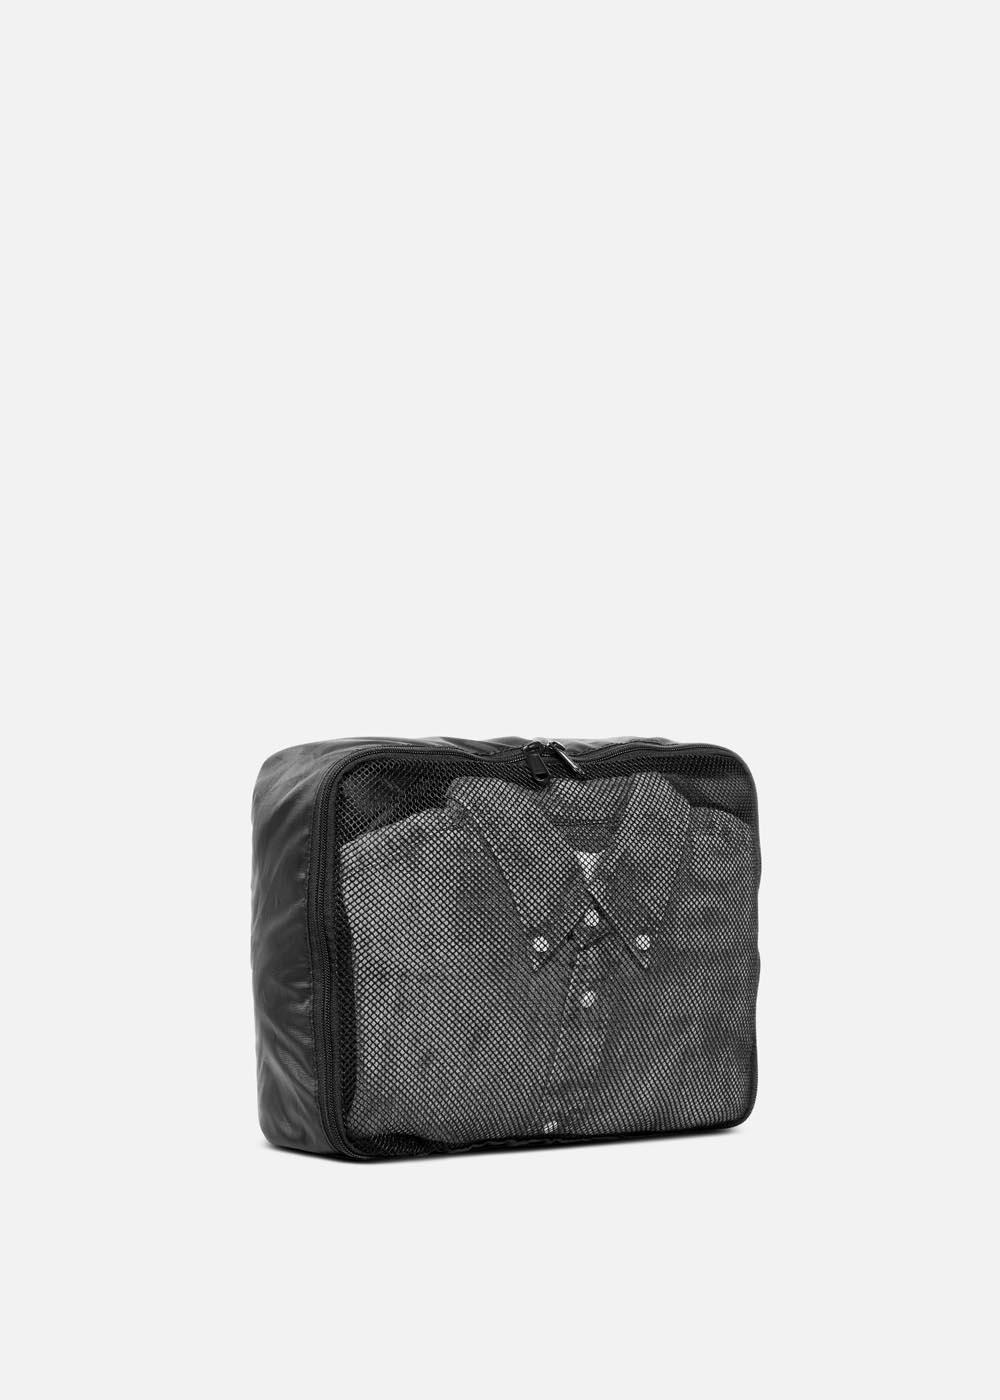 travel_aer_packing_cube_black.JPG